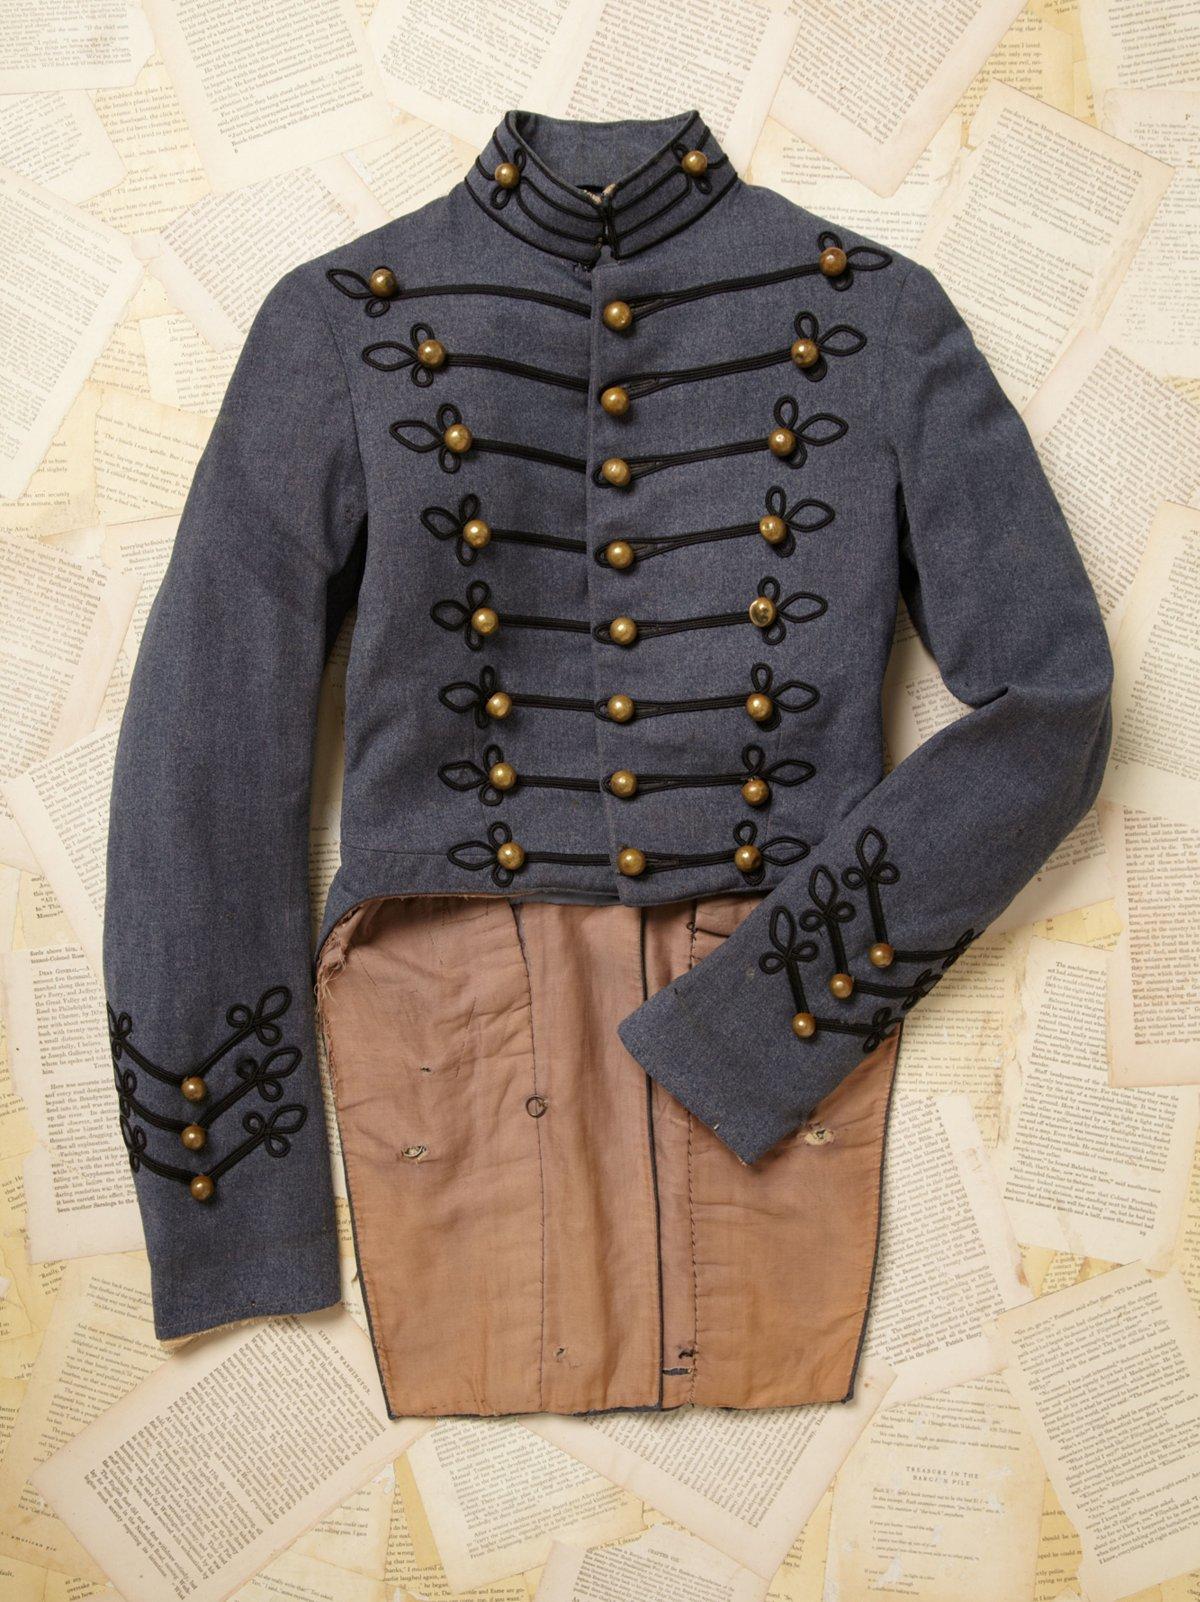 Vintage Cutaway Military Jacket